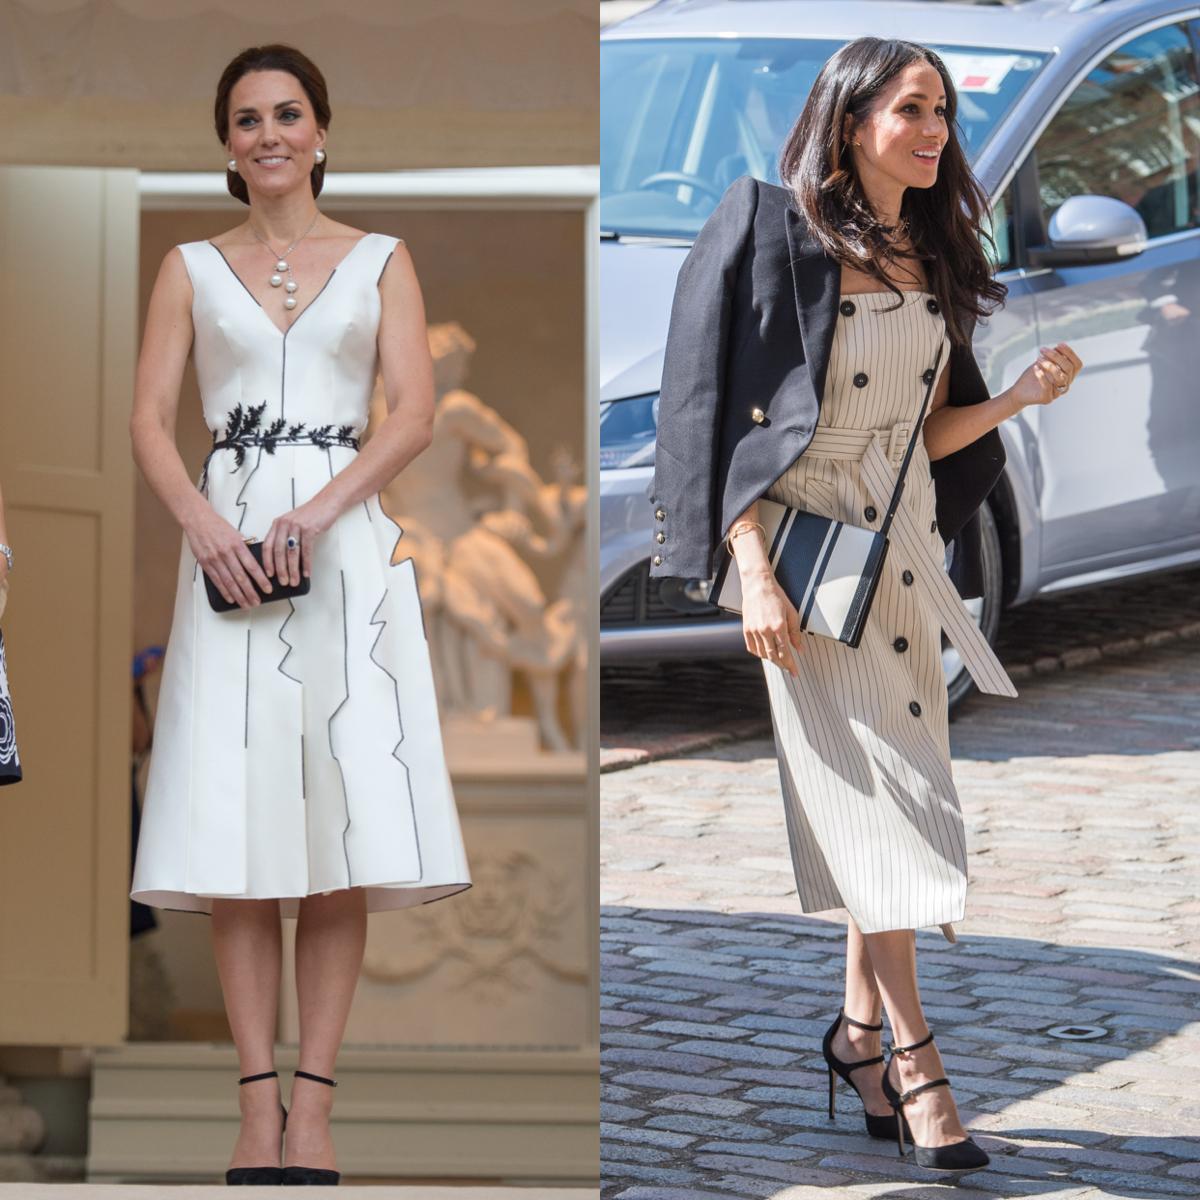 キャサリン妃が選んだのは、Aラインのドレス。ブラックのステッチでさりげないアクセントを。メーガンは、ピンストライプのドレスでマニッシュに仕上げ、ジャケットを